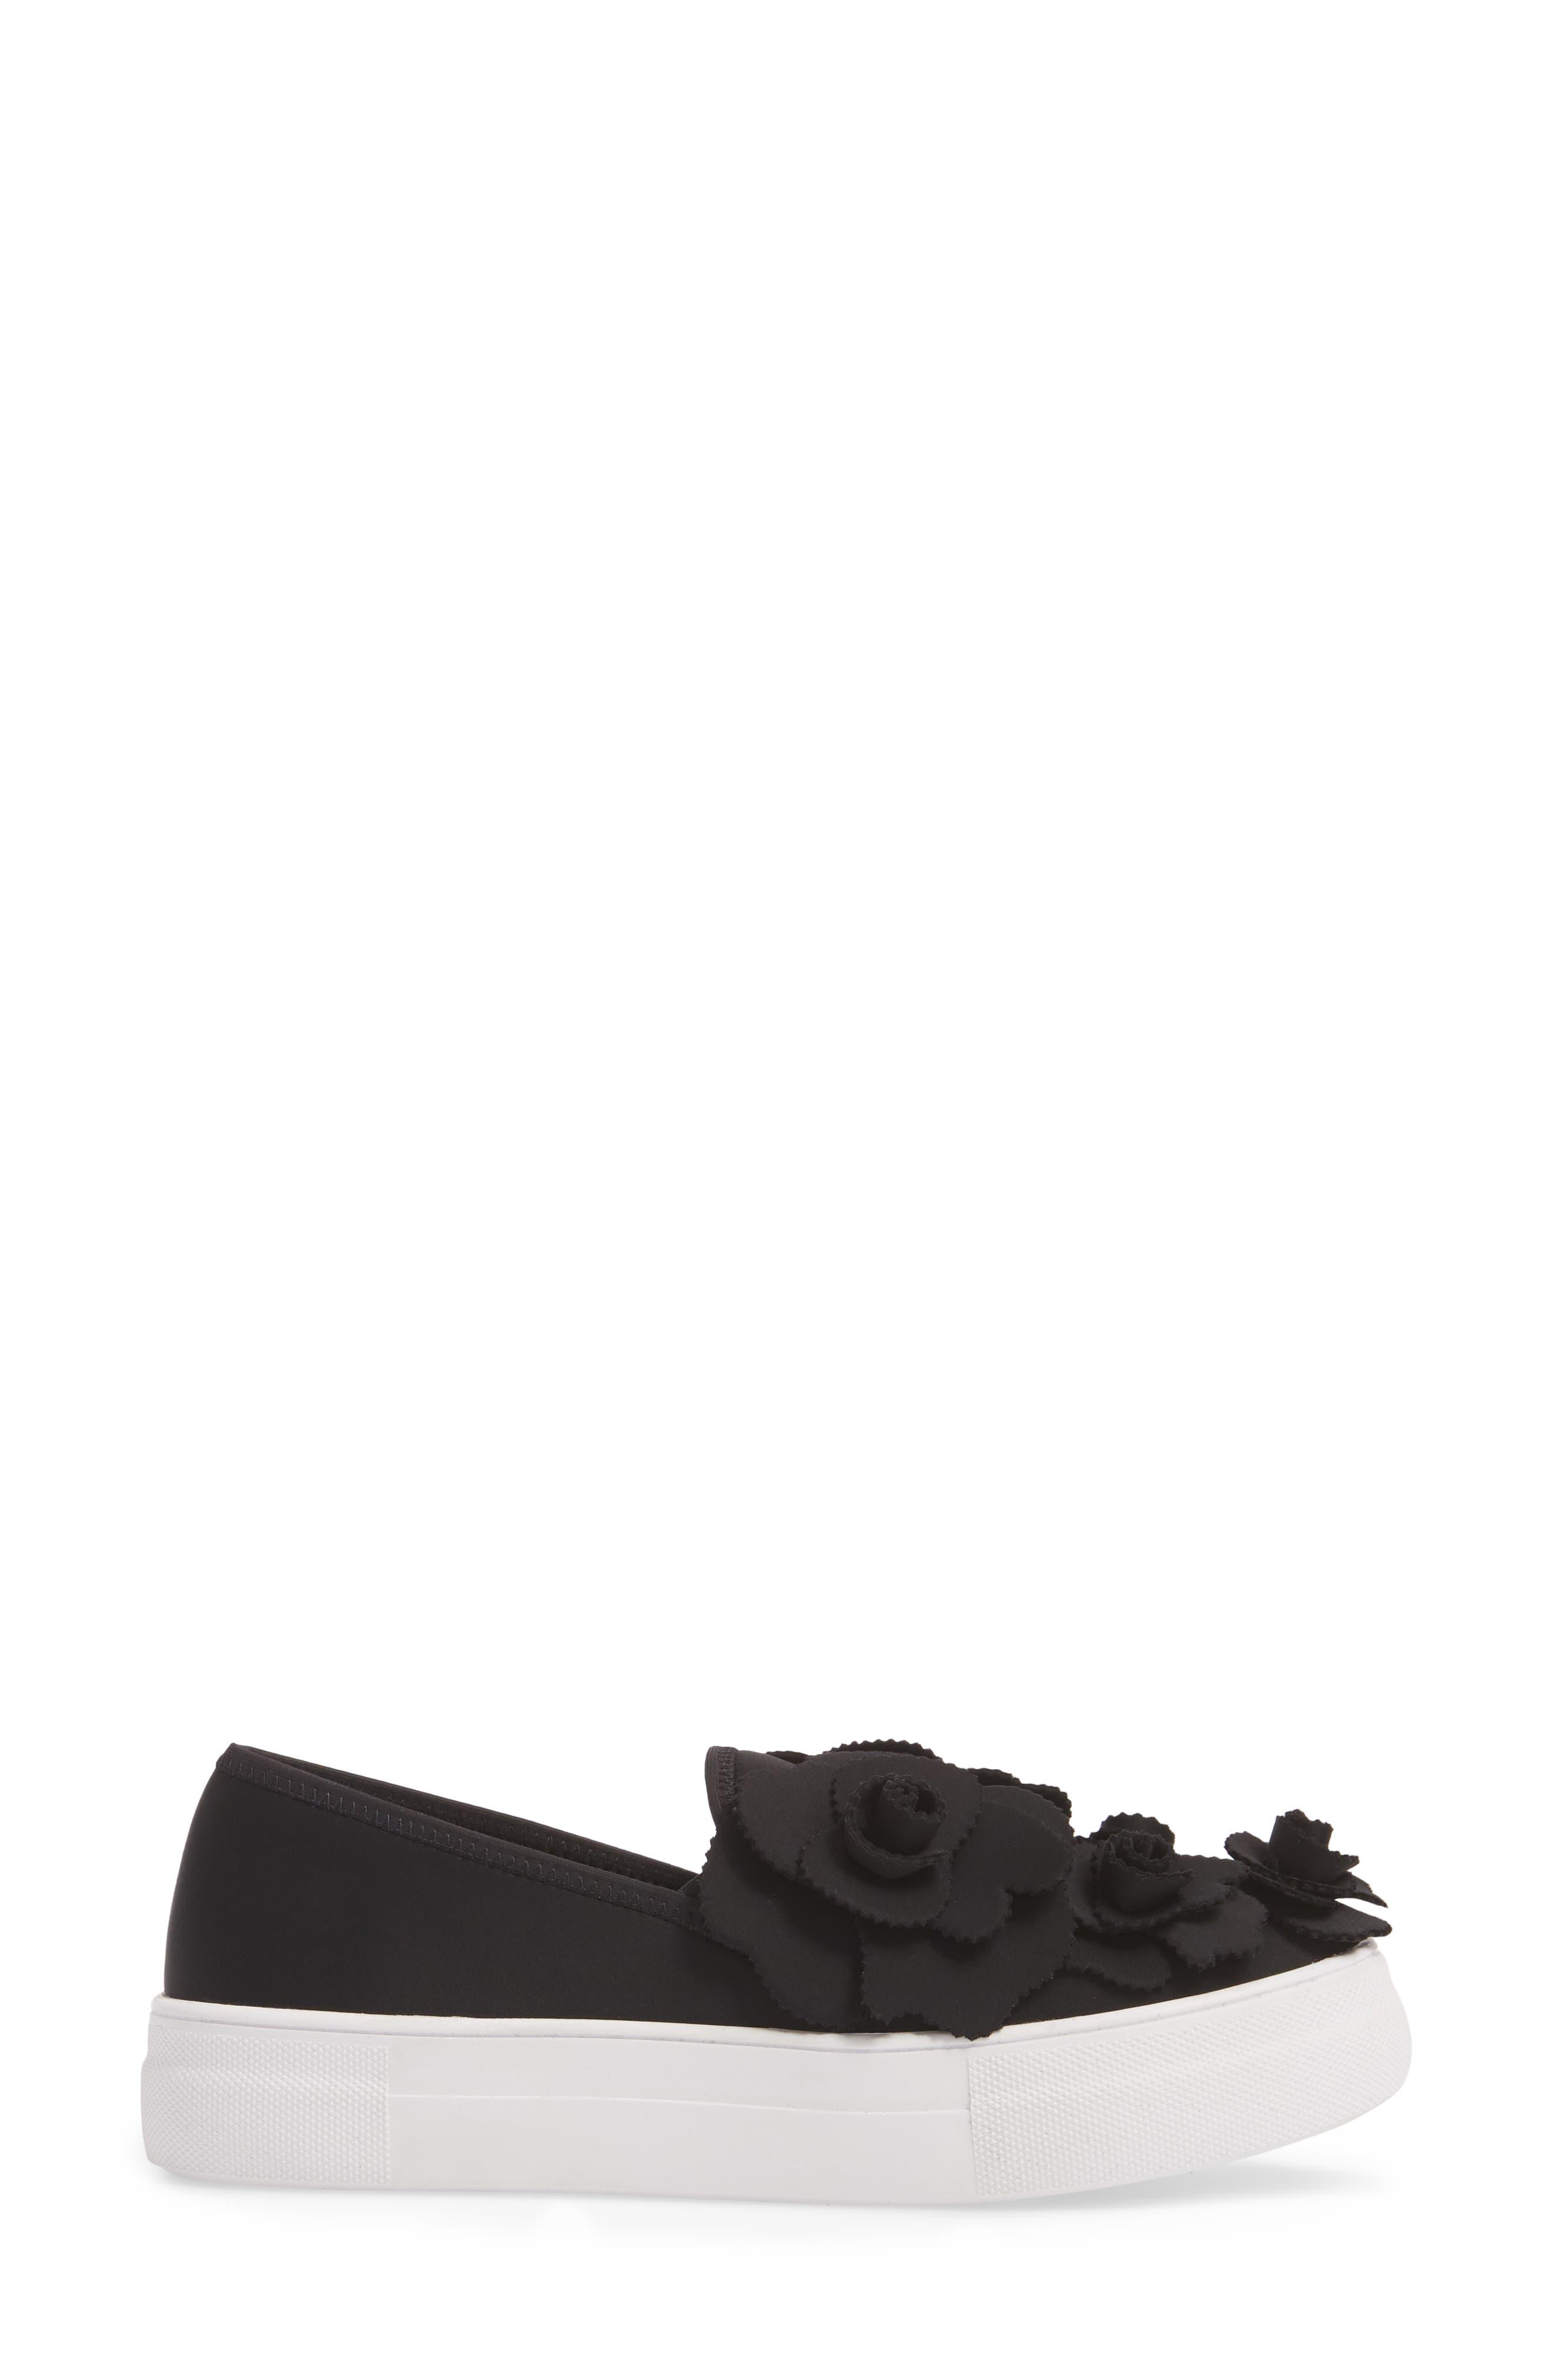 Alden Floral Embellished Slip-On Sneaker,                             Alternate thumbnail 3, color,                             001